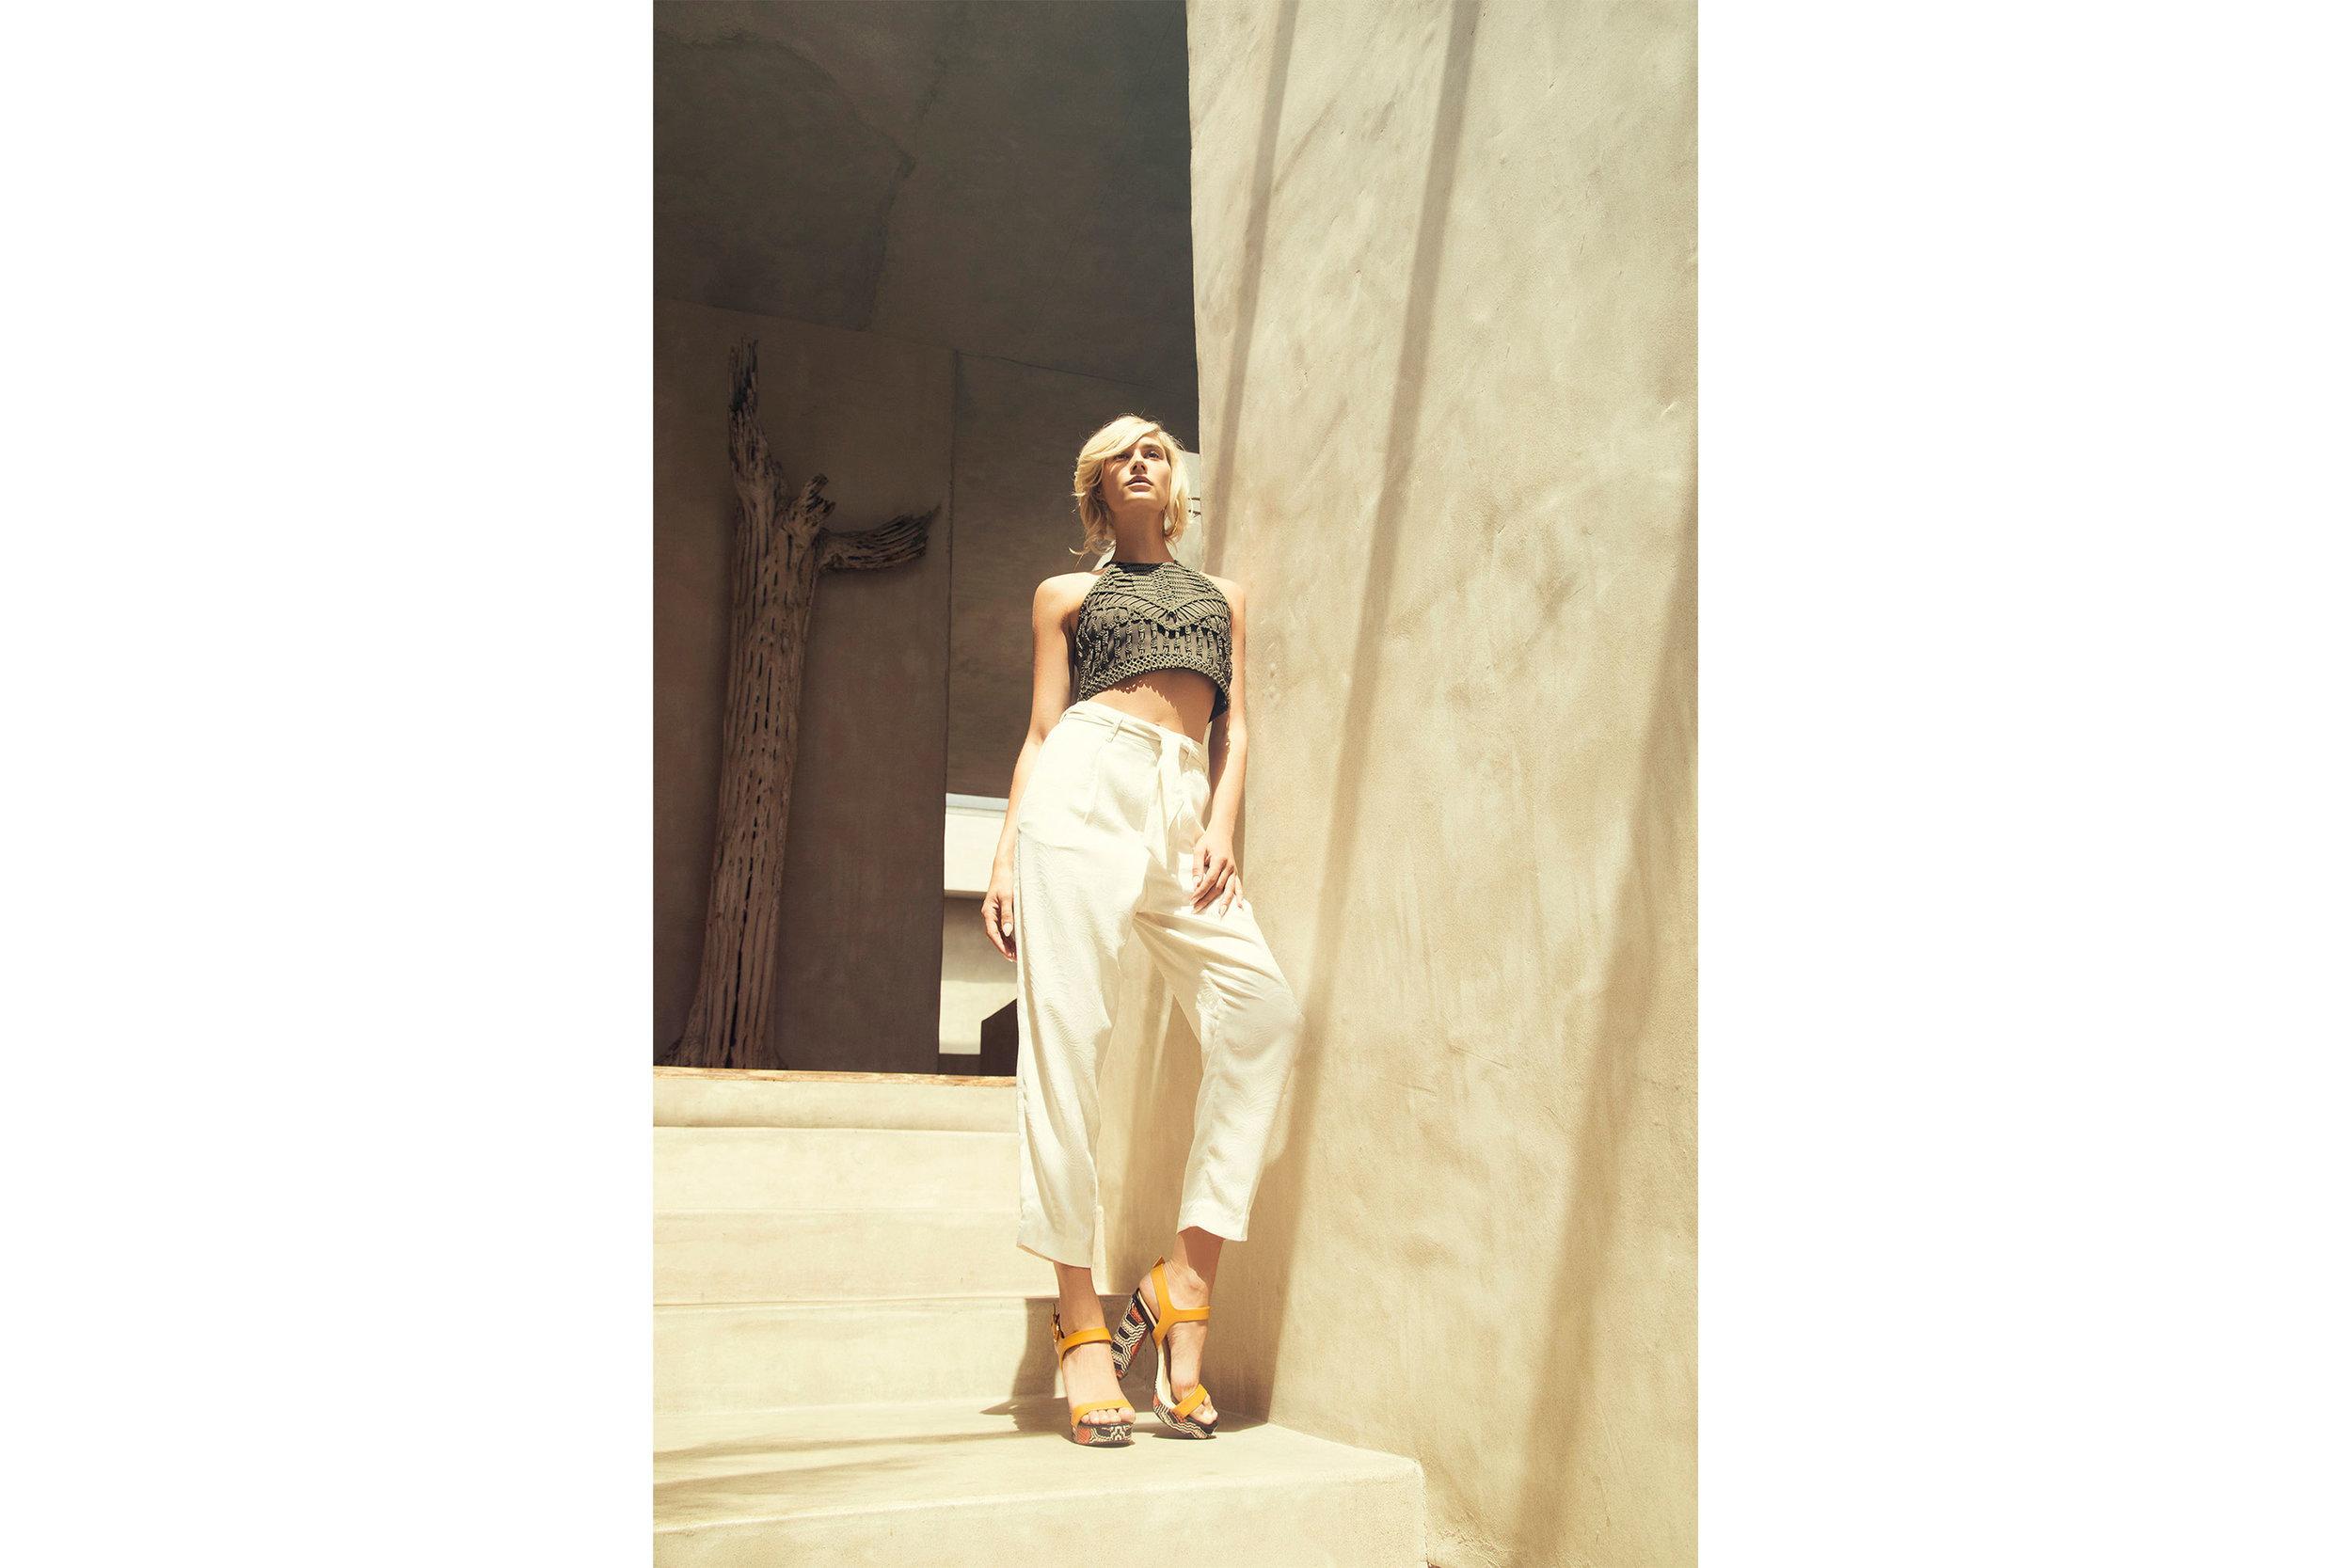 Approach_Fashion_026.jpg